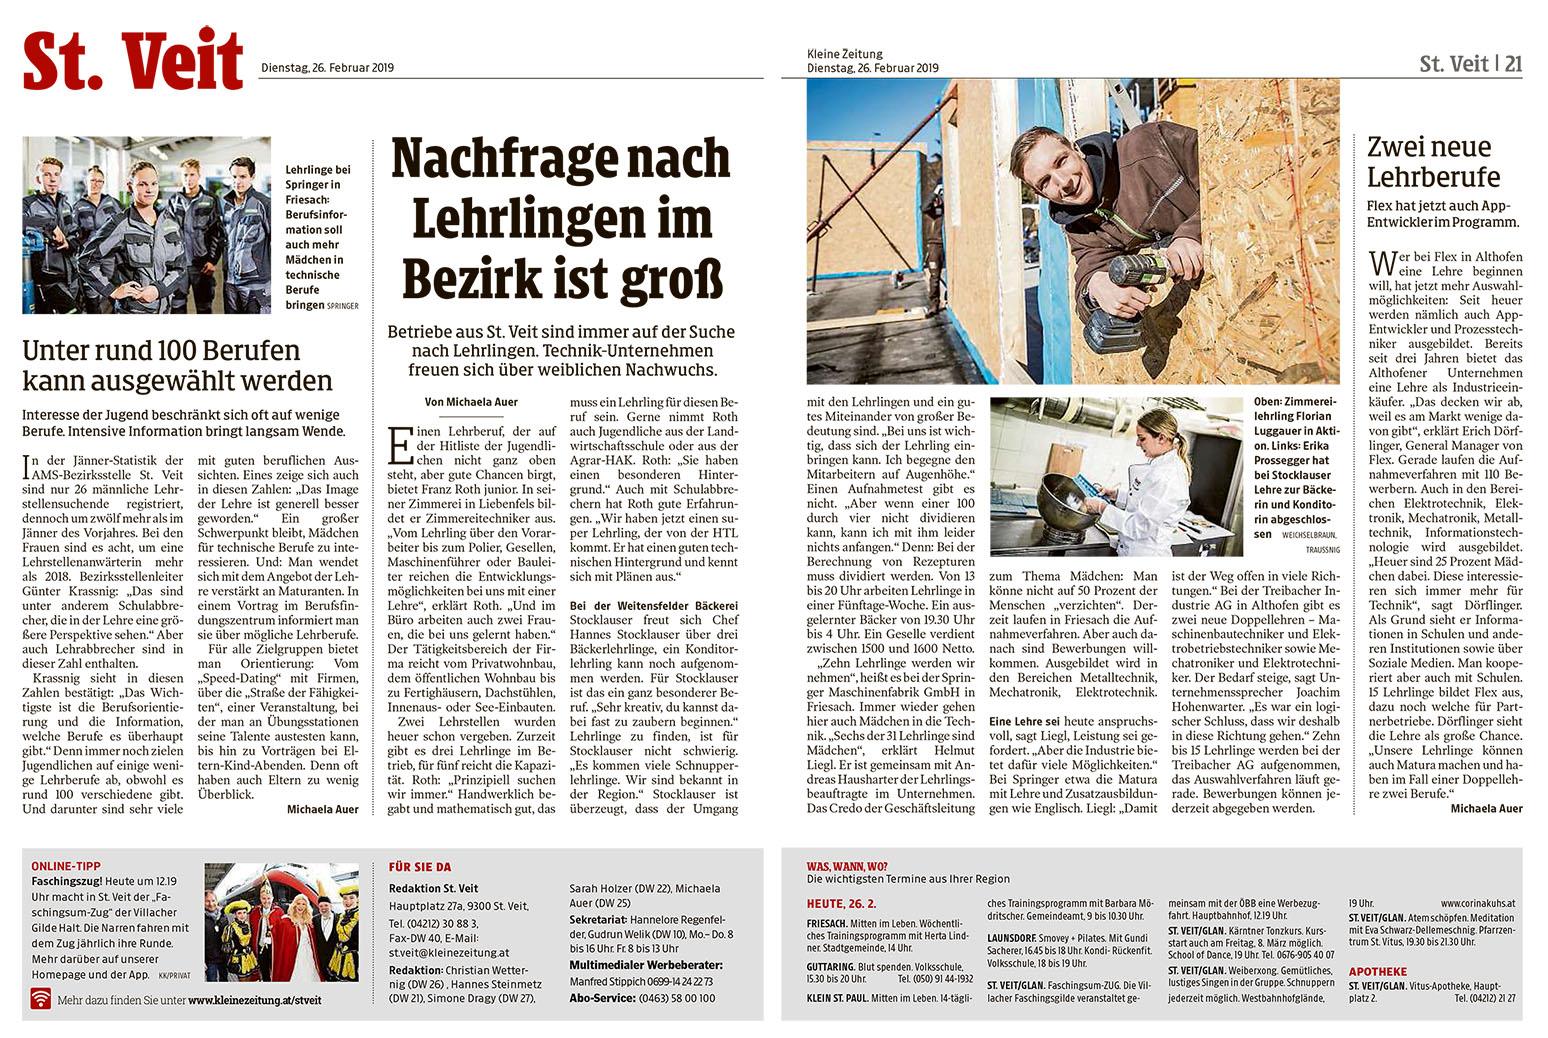 Kleine Zeitung Bericht